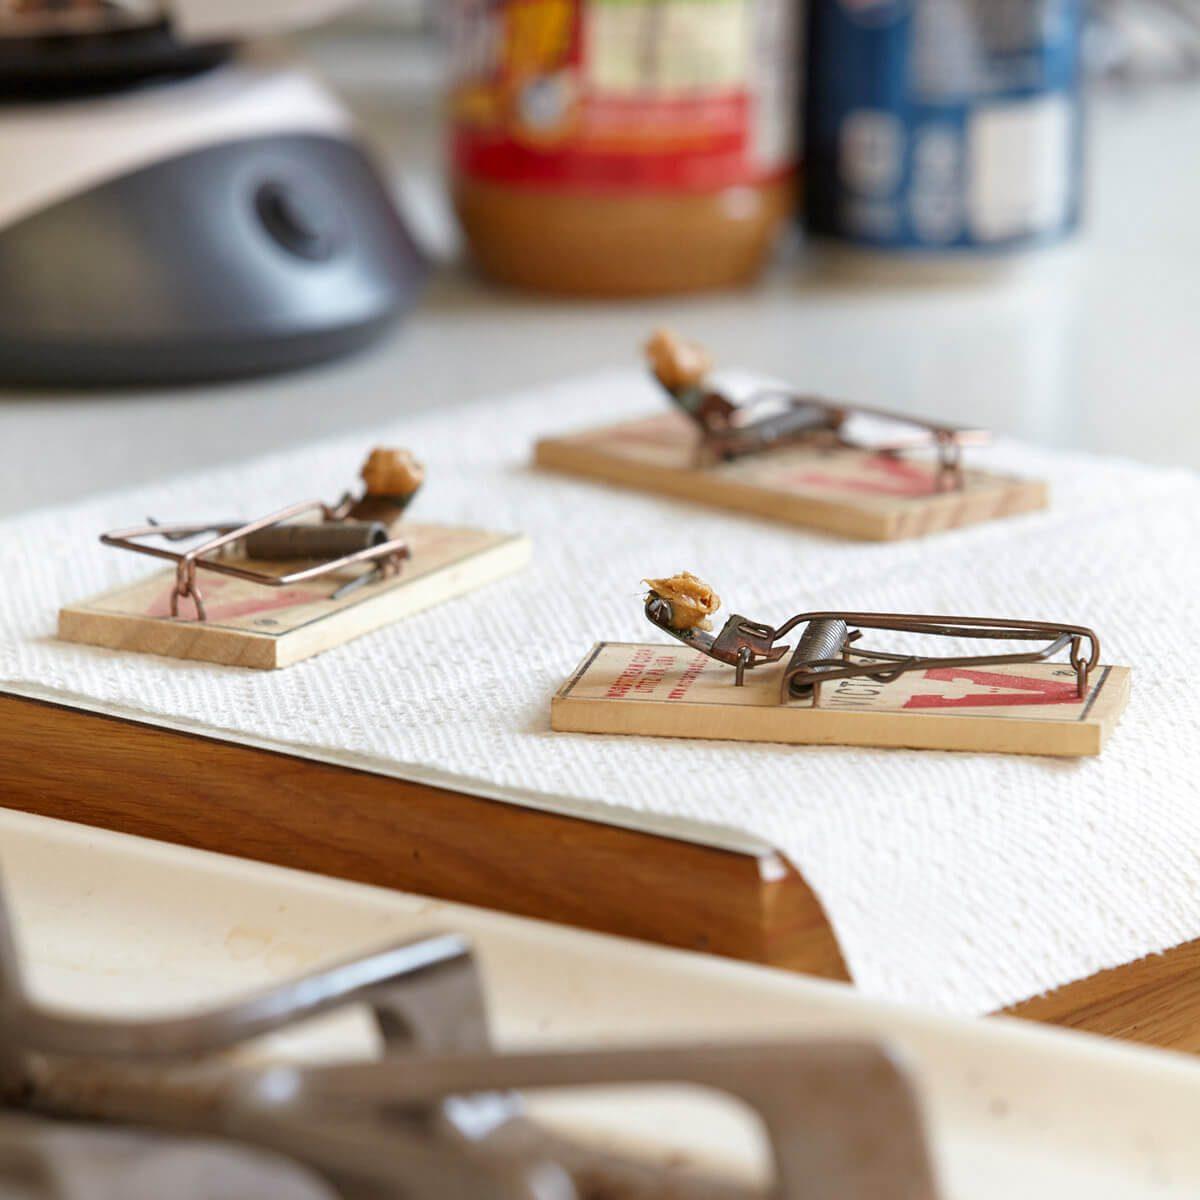 peanut butter mouse trap